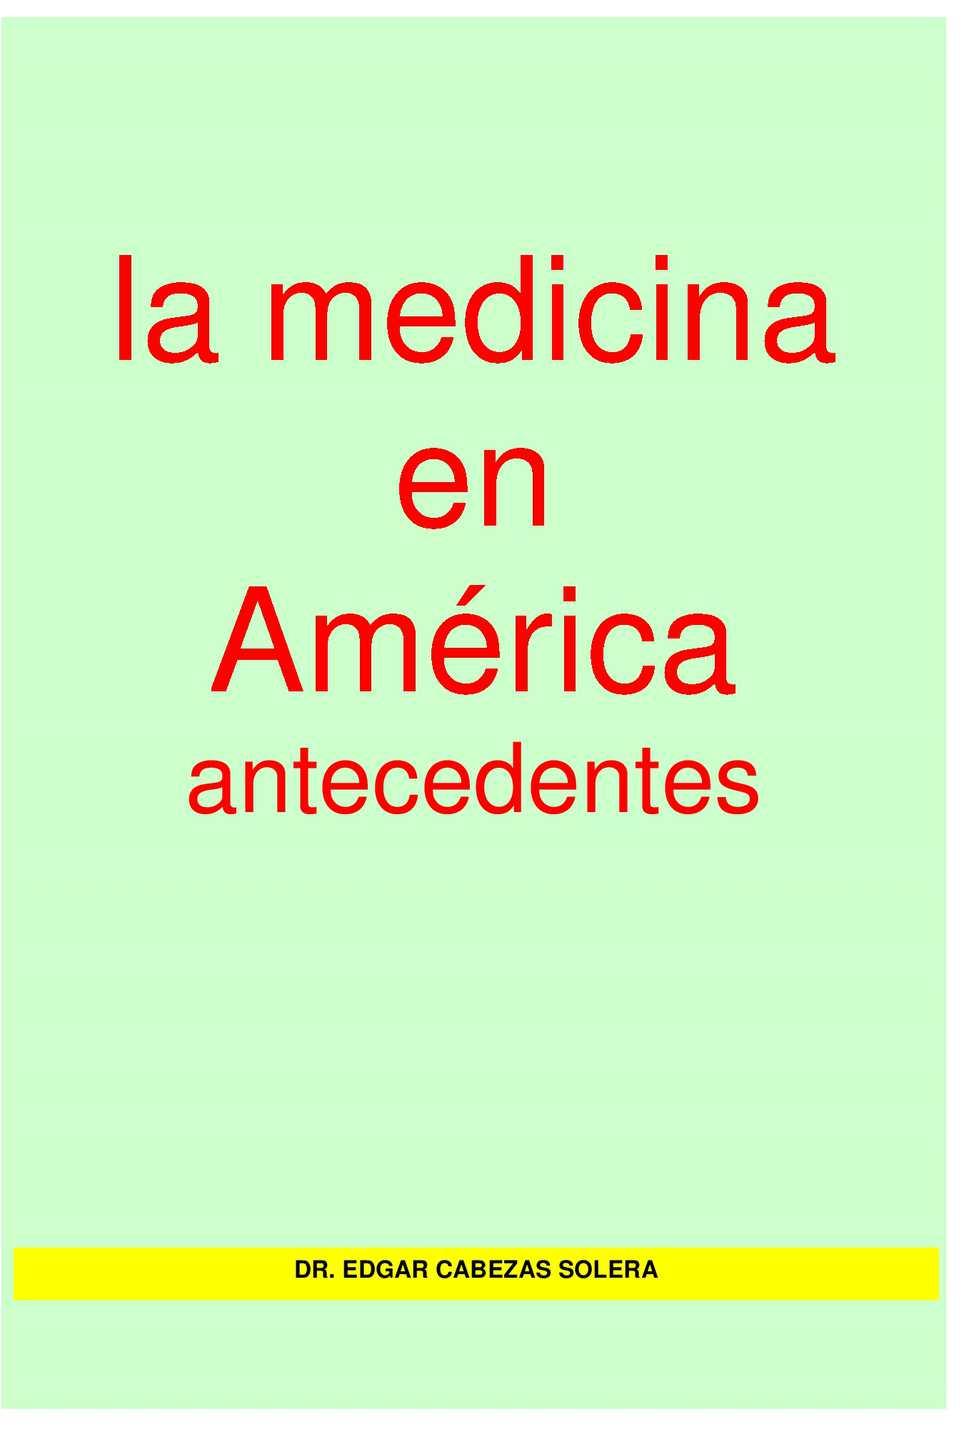 Calaméo - La Medicna En America